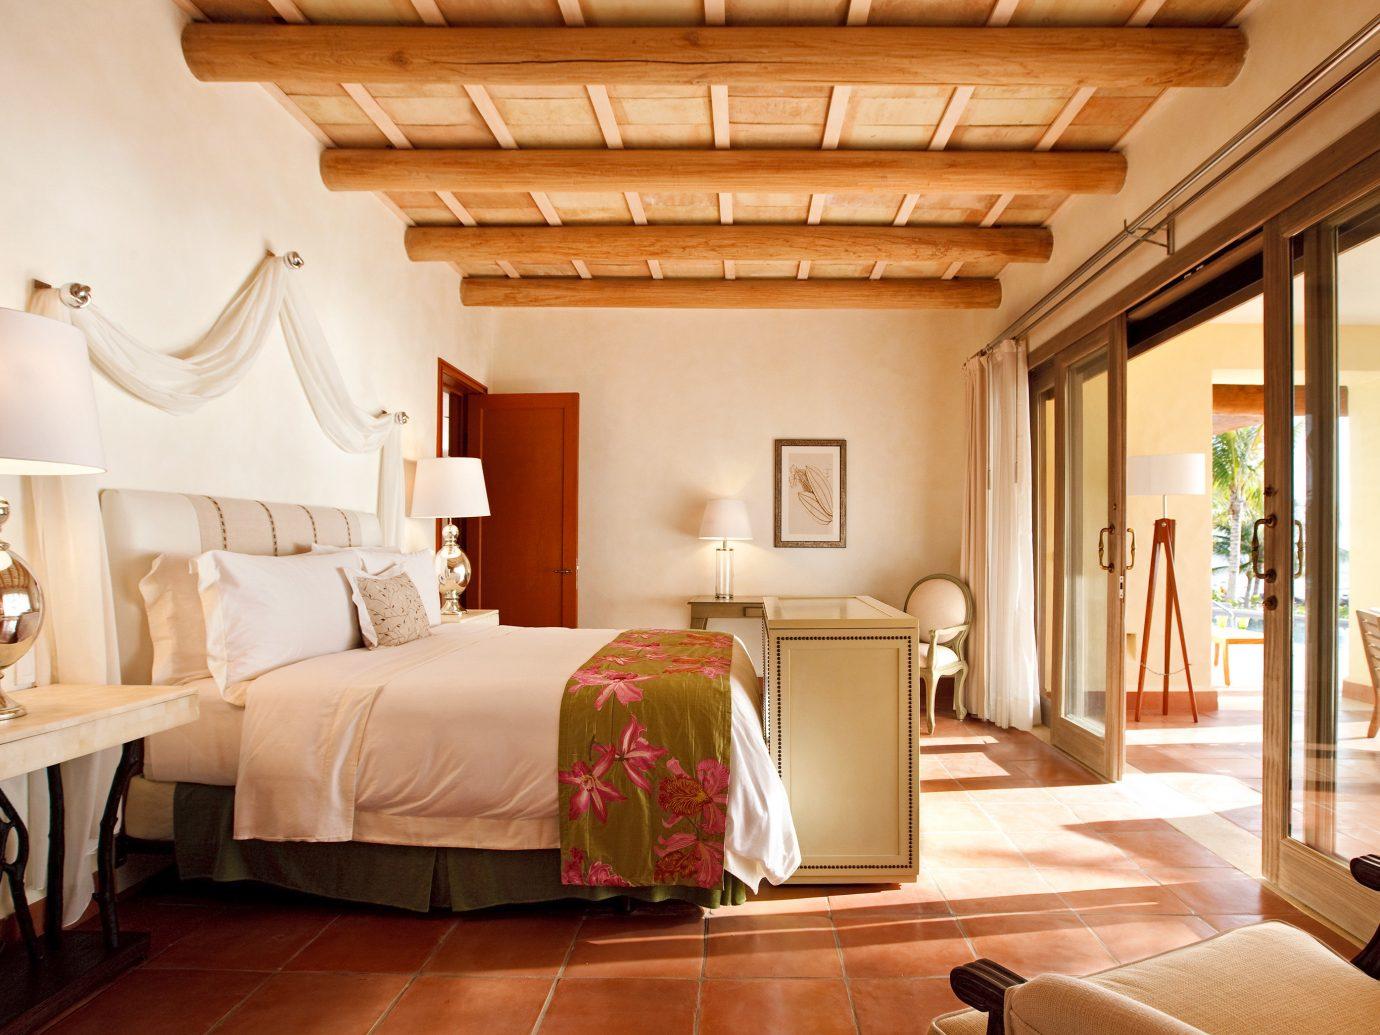 Bedroom at St. Regis Punta Mita